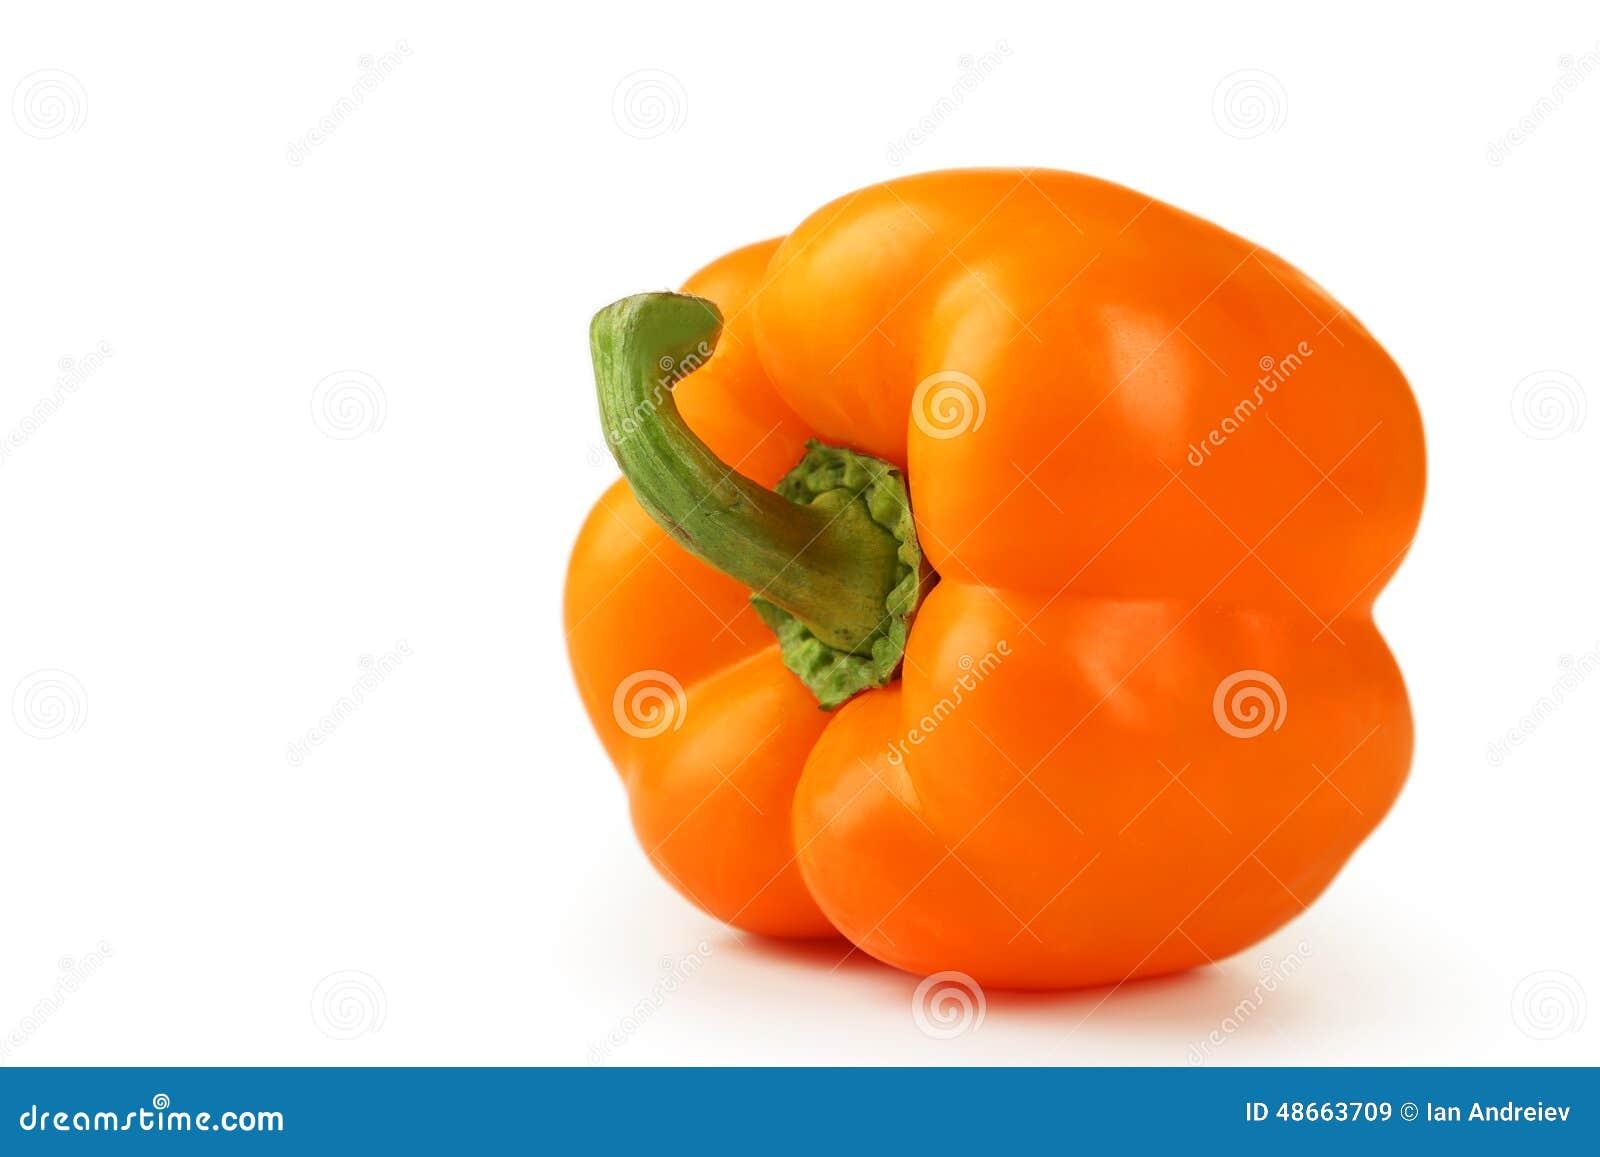 Oranje die peper op een wit wordt geïsoleerd